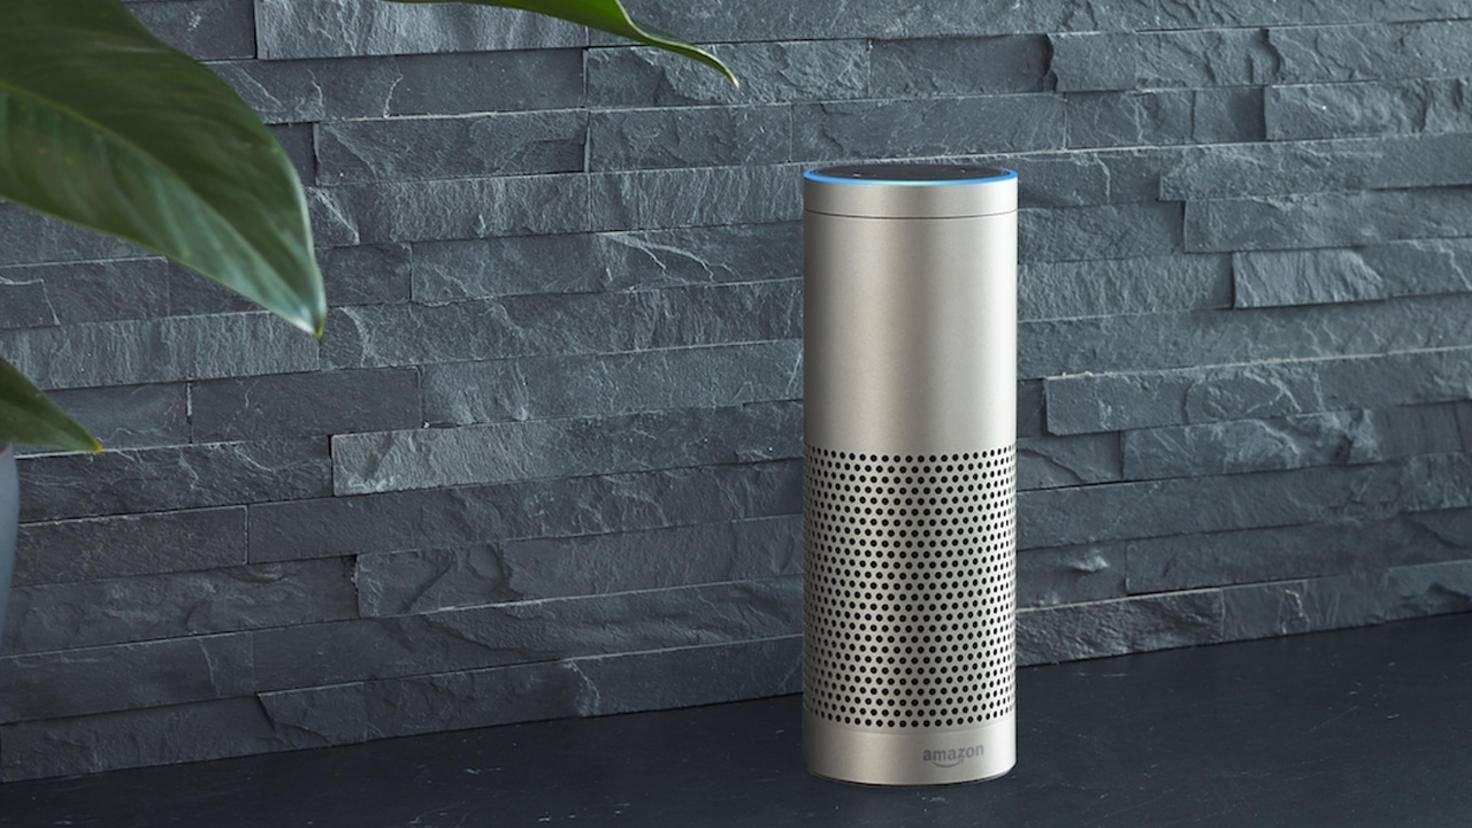 Amazon Echo Plus 2